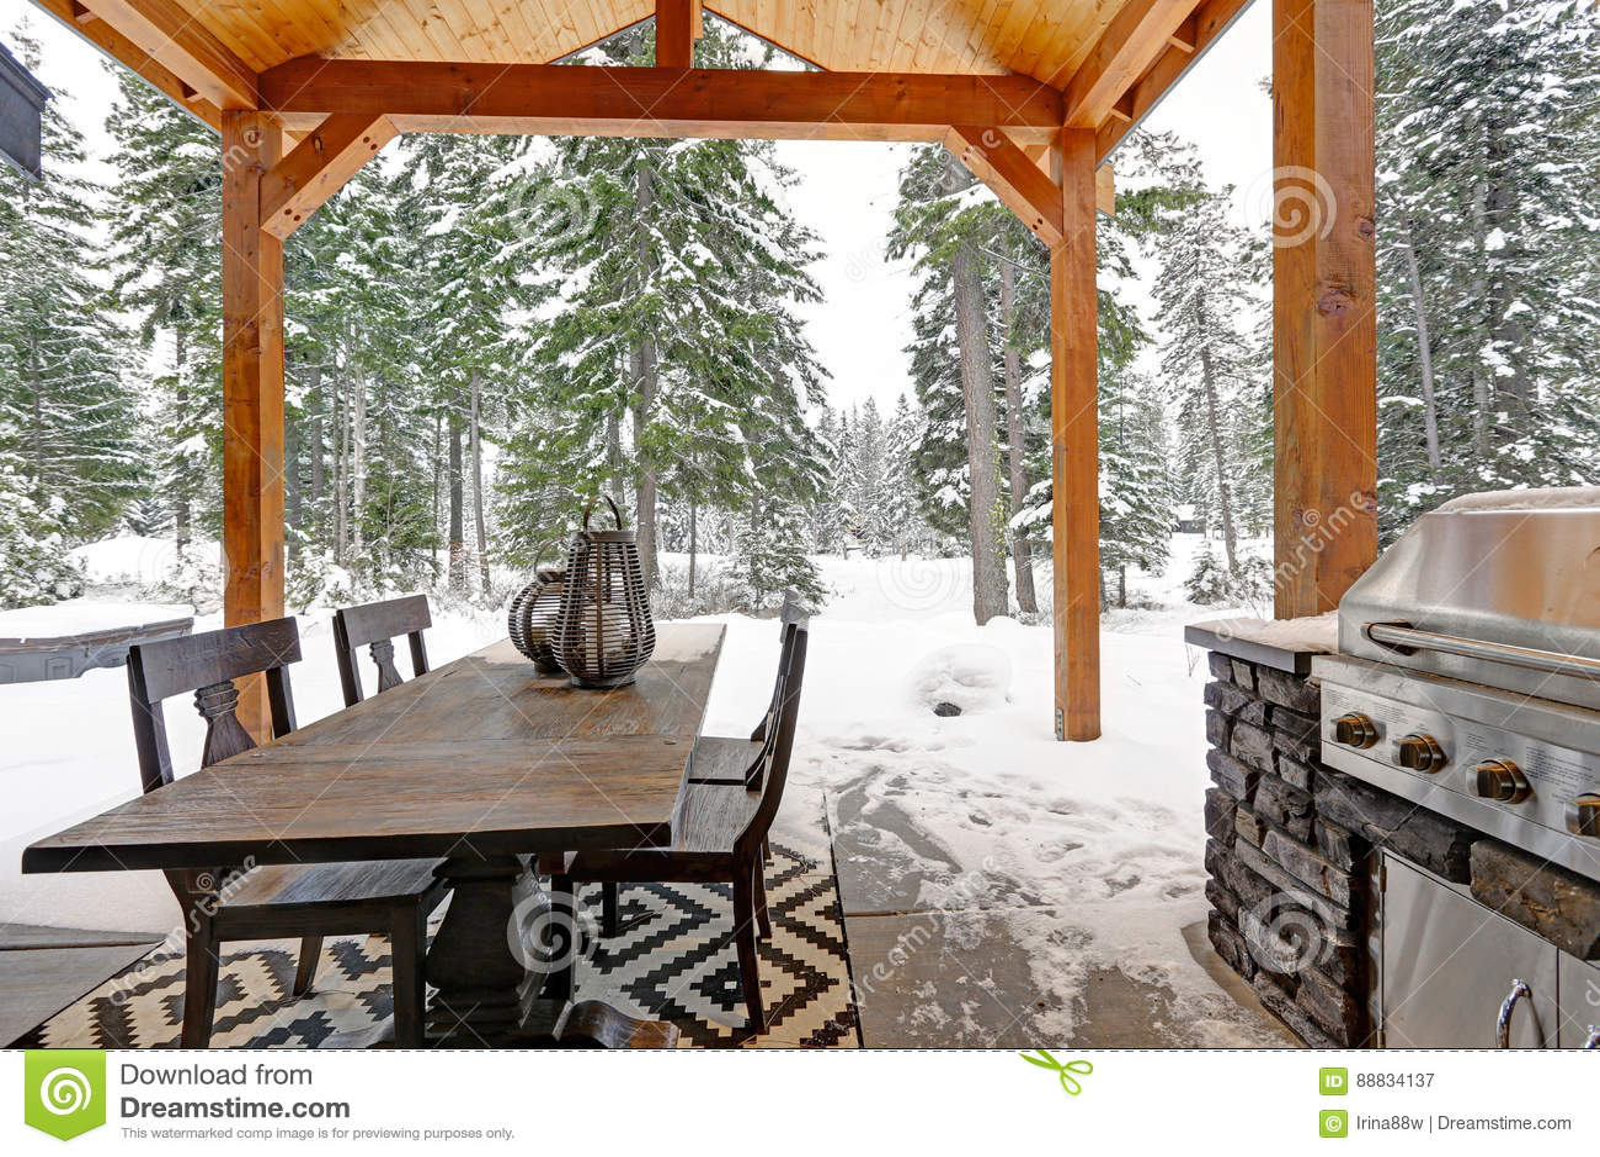 Outdoor Küche Aus Usa : Bedeckter patio mit binderdecke und küche im freien stockbild bild